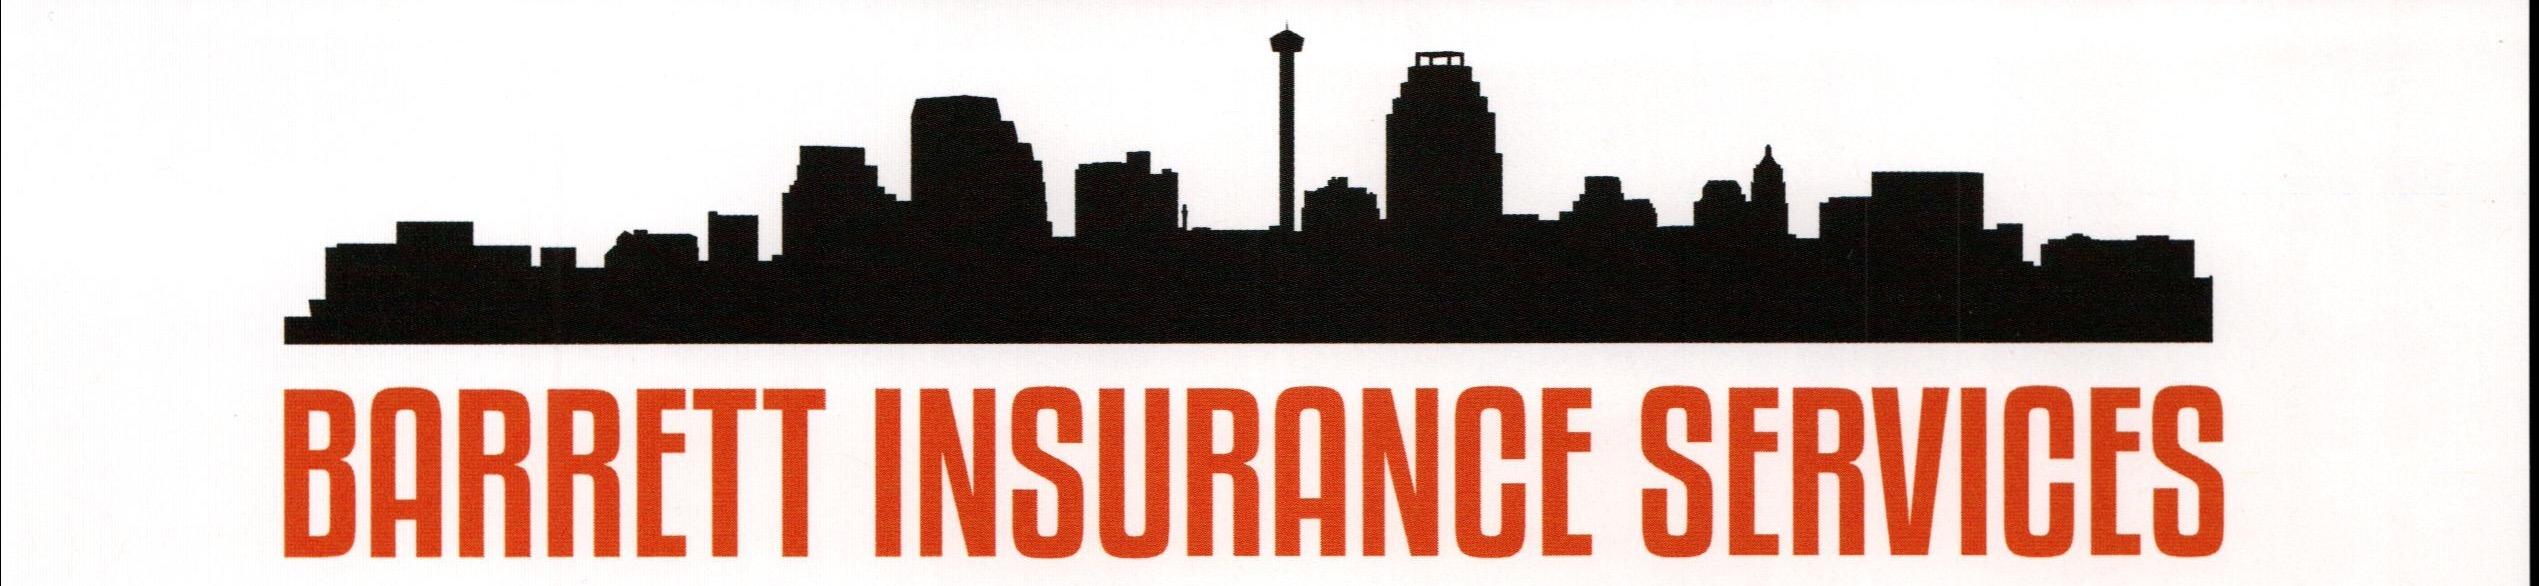 Barrett Insurance logo